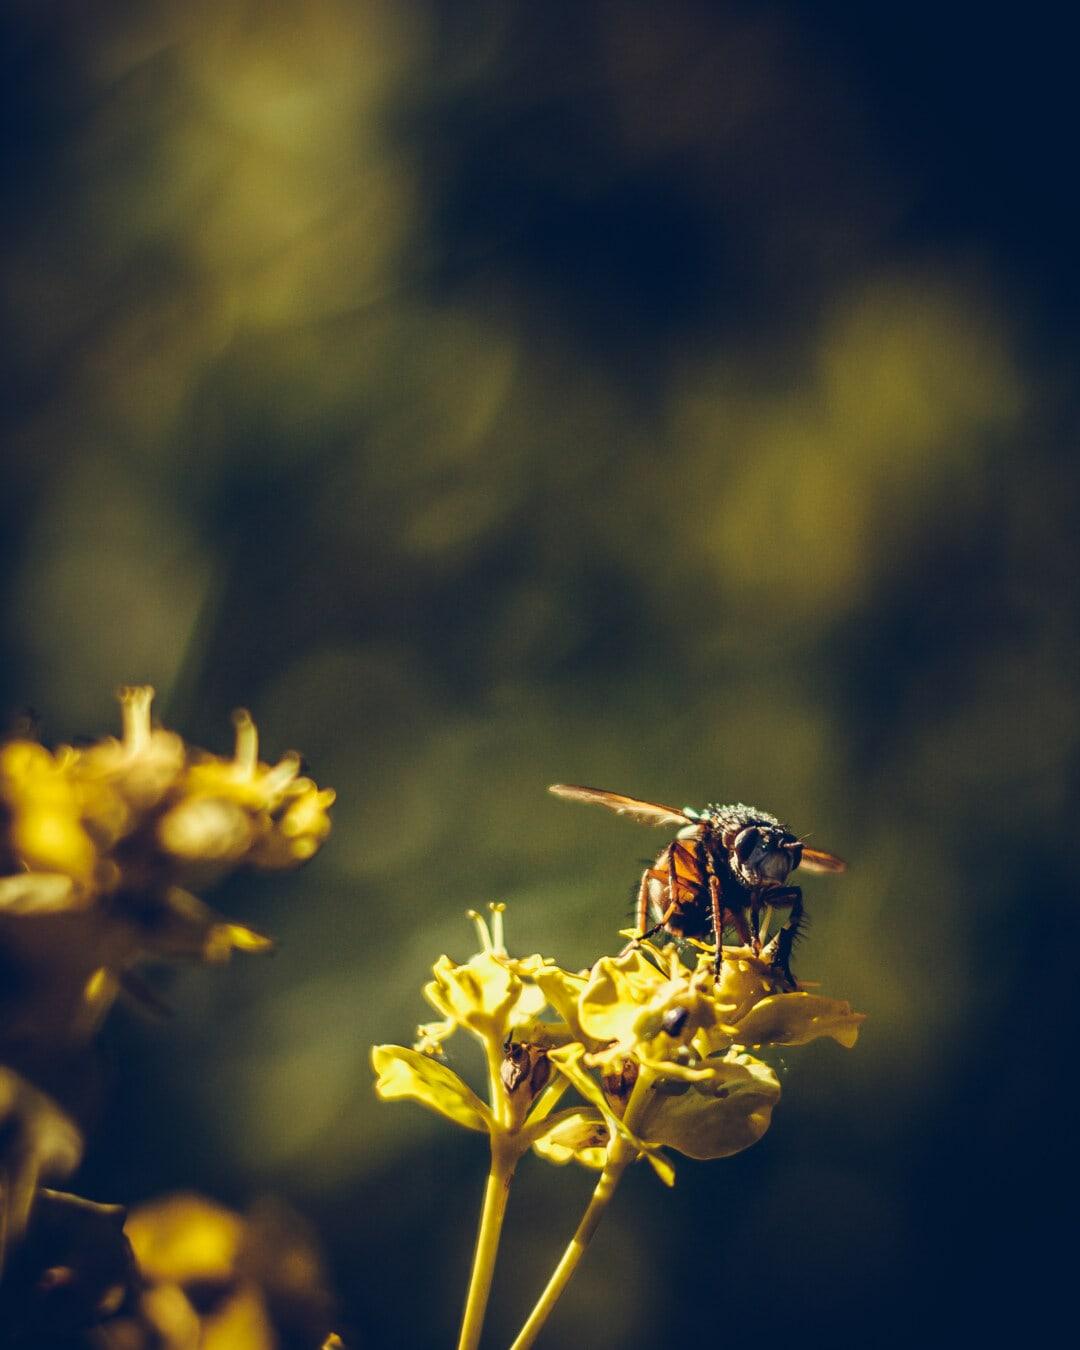 lähietäisyydeltä, pää, hyönteinen, siivet, verkkosiipiset, pensas, kasvi, kukka, kevät, kesällä